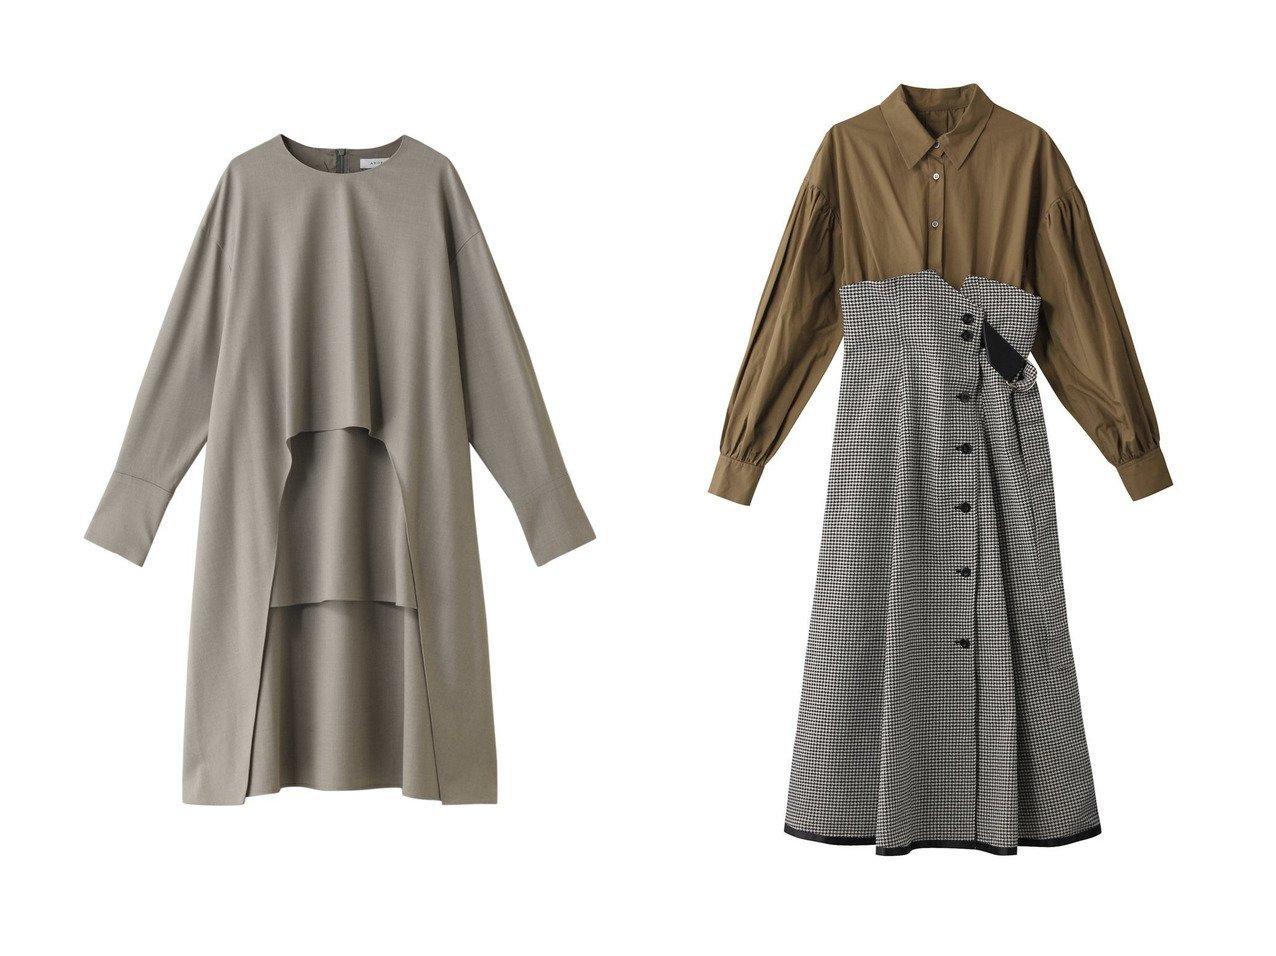 【ADORE/アドーア】のクリアライトロングブラウス&【The Virgnia/ザ ヴァージニア】のタスランモールドッキングワンピース ワンピース・ドレスのおすすめ!人気、レディースファッションの通販  おすすめで人気のファッション通販商品 インテリア・家具・キッズファッション・メンズファッション・レディースファッション・服の通販 founy(ファニー) https://founy.com/ ファッション Fashion レディース WOMEN トップス Tops Tshirt シャツ/ブラウス Shirts Blouses ワンピース Dress なめらか ストレッチ スリーブ セットアップ トレンド ヘムライン ロング ワイド クラシカル コルセット ドッキング ヘリンボーン  ID:crp329100000000700